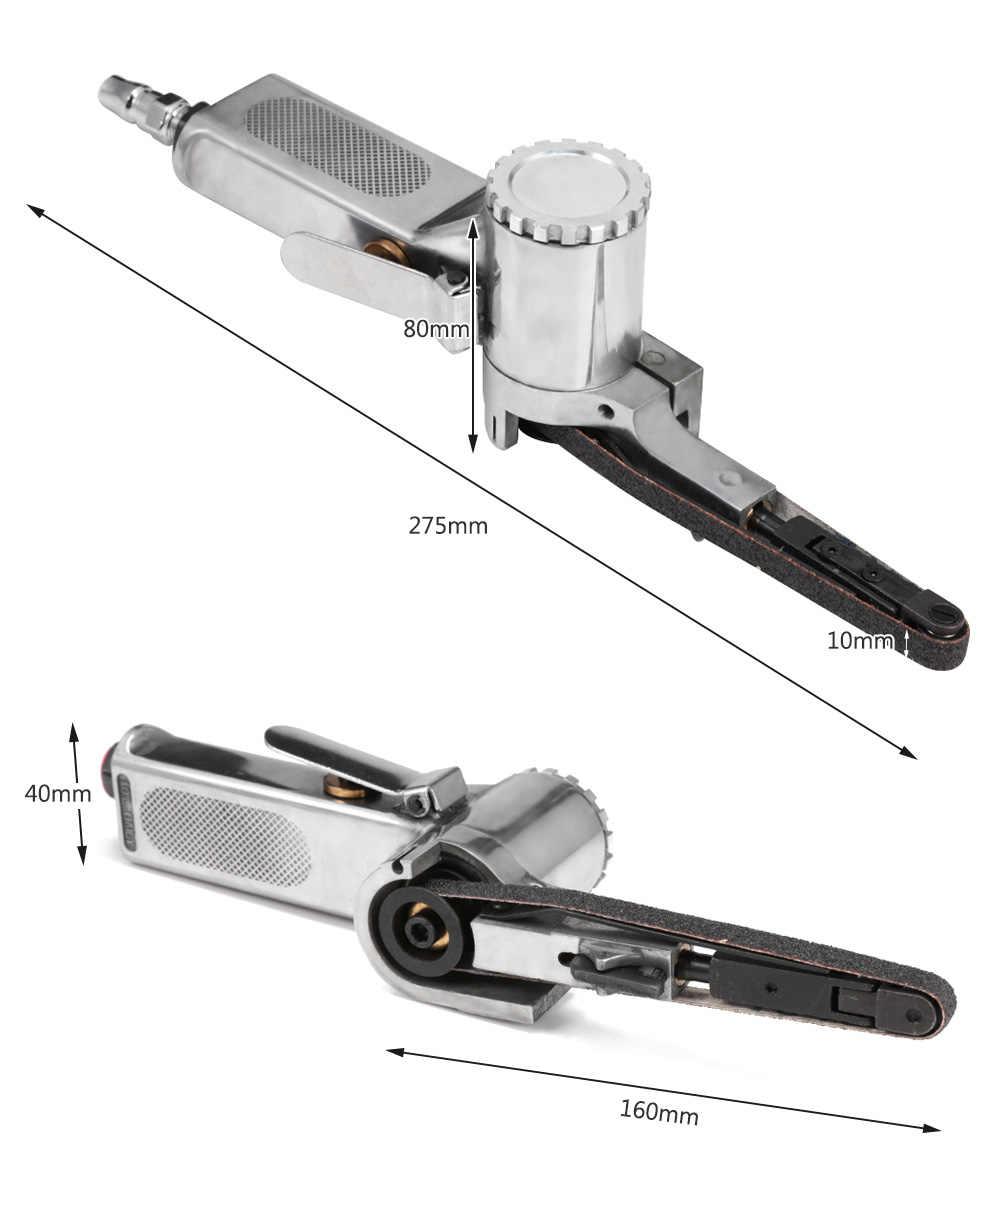 """3/8 """"الهواء حزام ساندر الدقة تلميع أداة جلخ ماكينة الطحن 2 الرملي أحزمة ضاغط الهواء الرملي الهوائية أداة"""